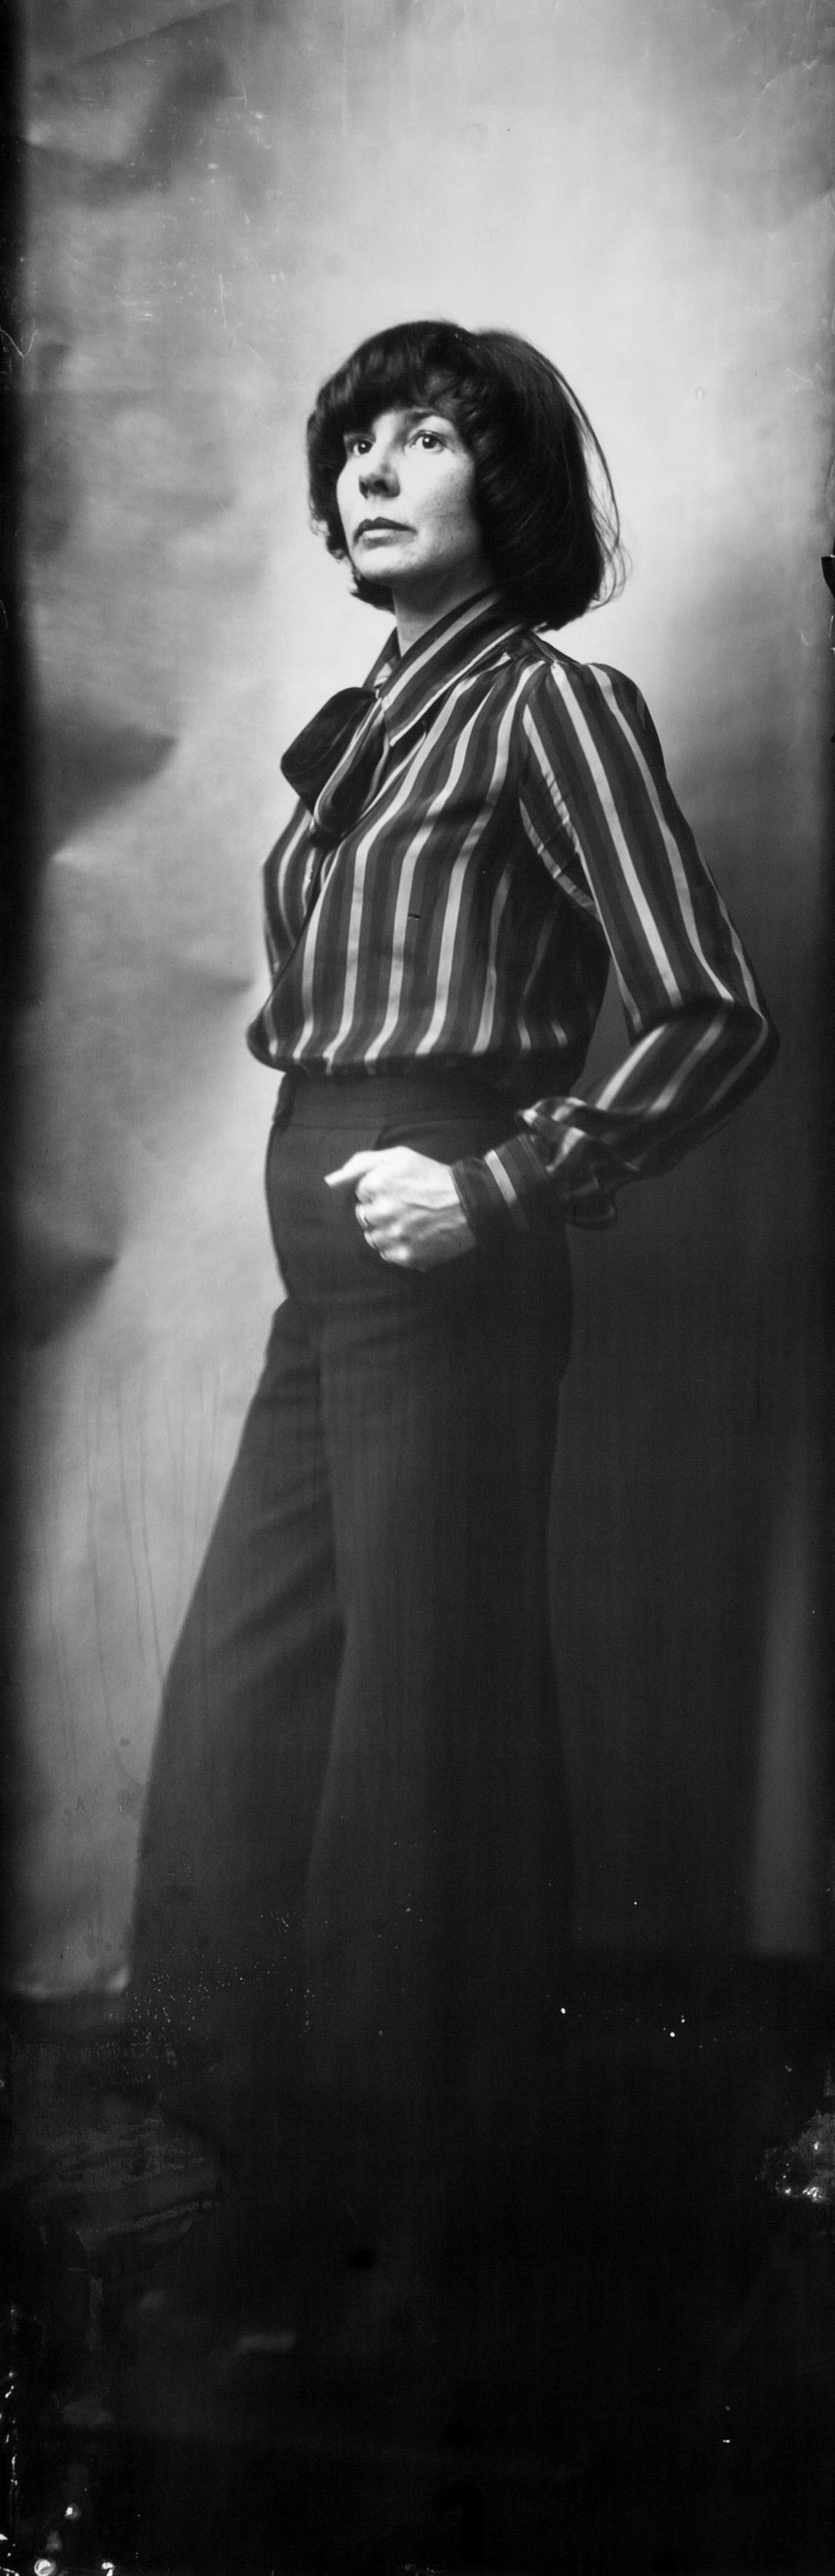 Selbstportrait_Kraus_70er©IMAGOCAMERA_Susanna-Kraus